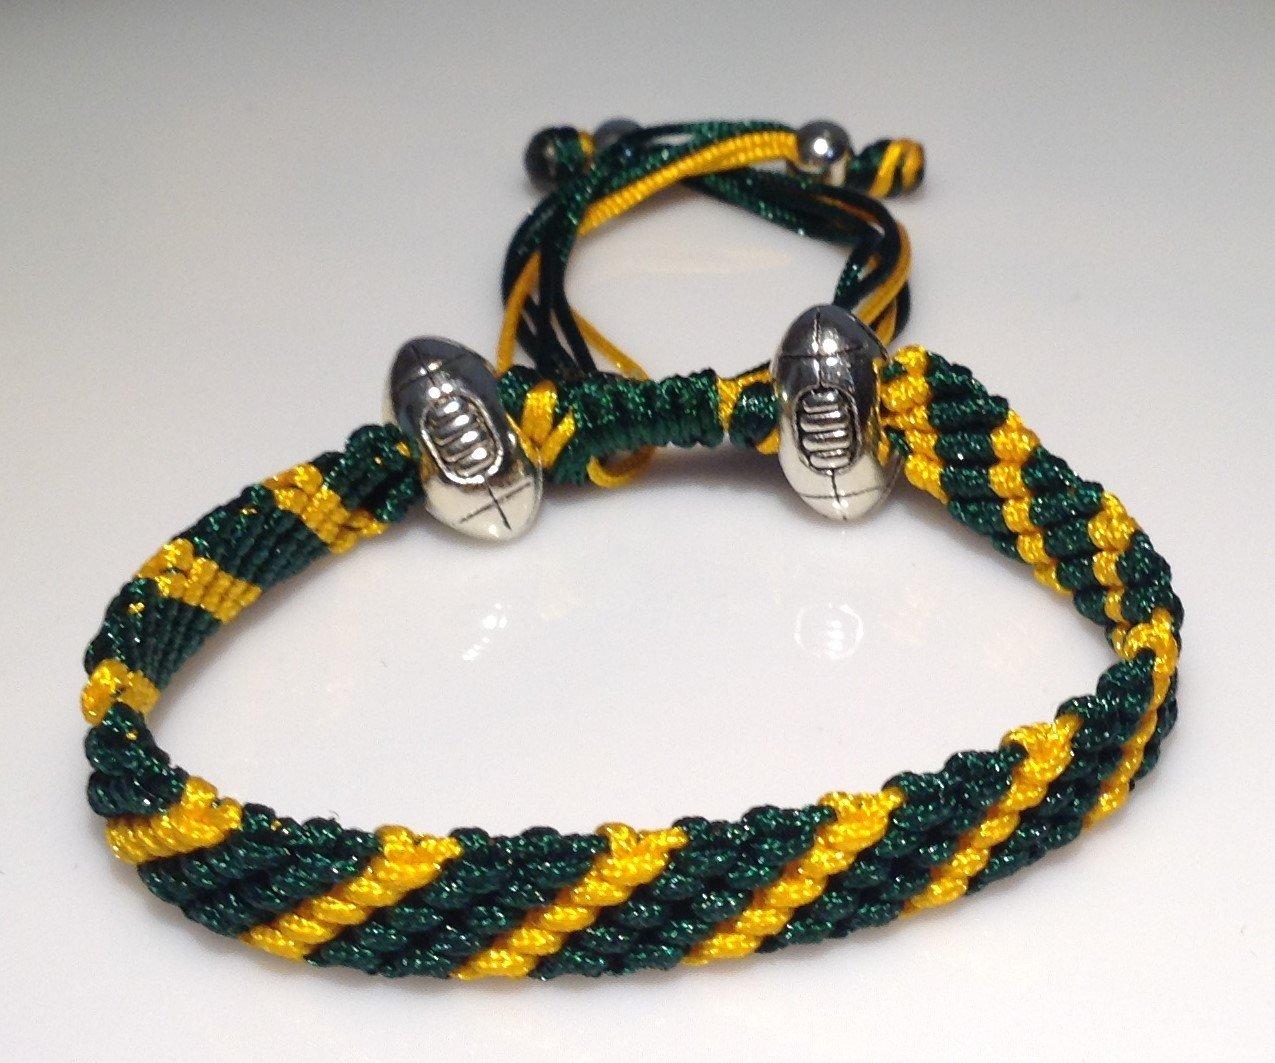 Marys Terrace pulseras de cordon de RUGBY Cualquier dise/ño de equipo de RUGBY. Hecho a mano a la orden